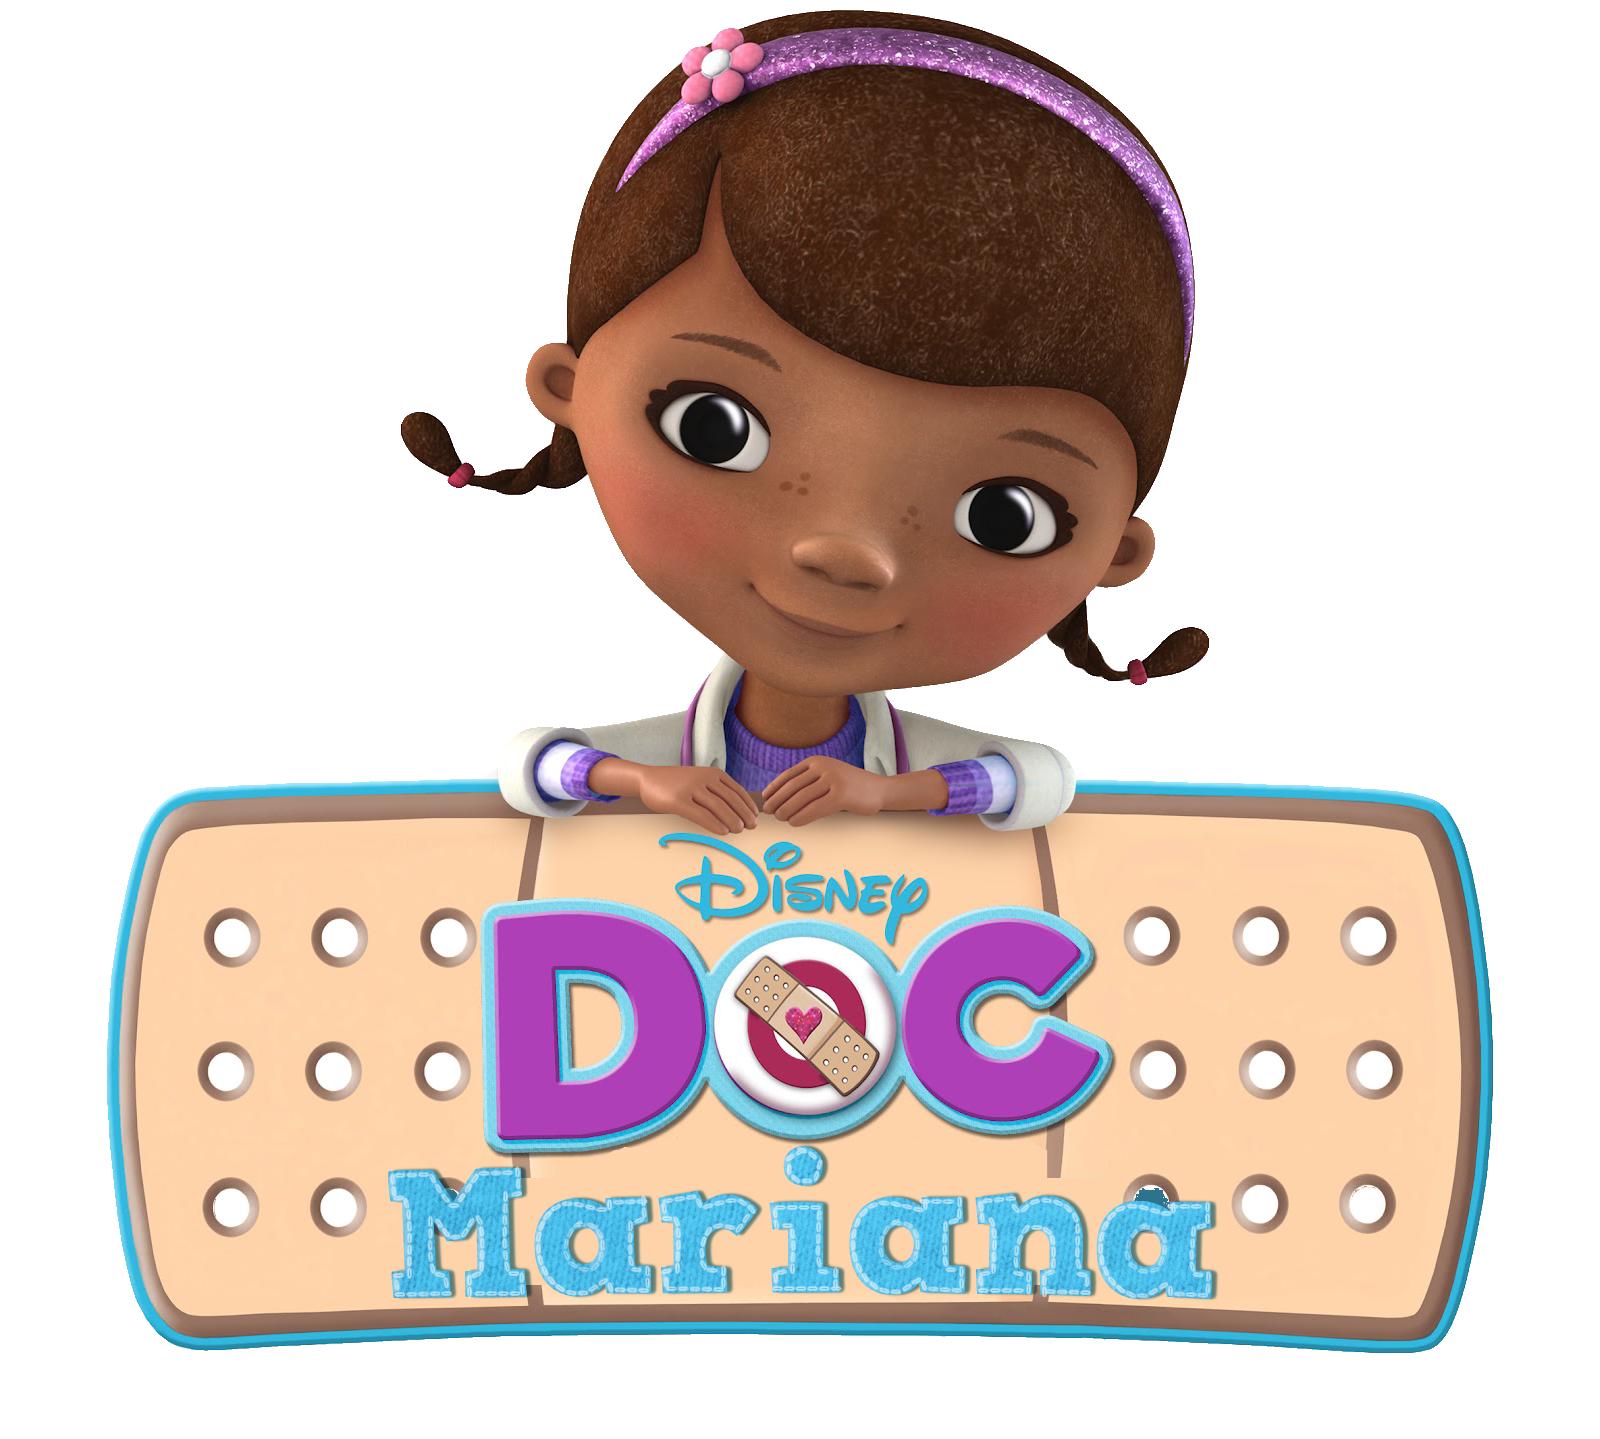 Logo doctora juguetes angie. House clipart doc mcstuffins